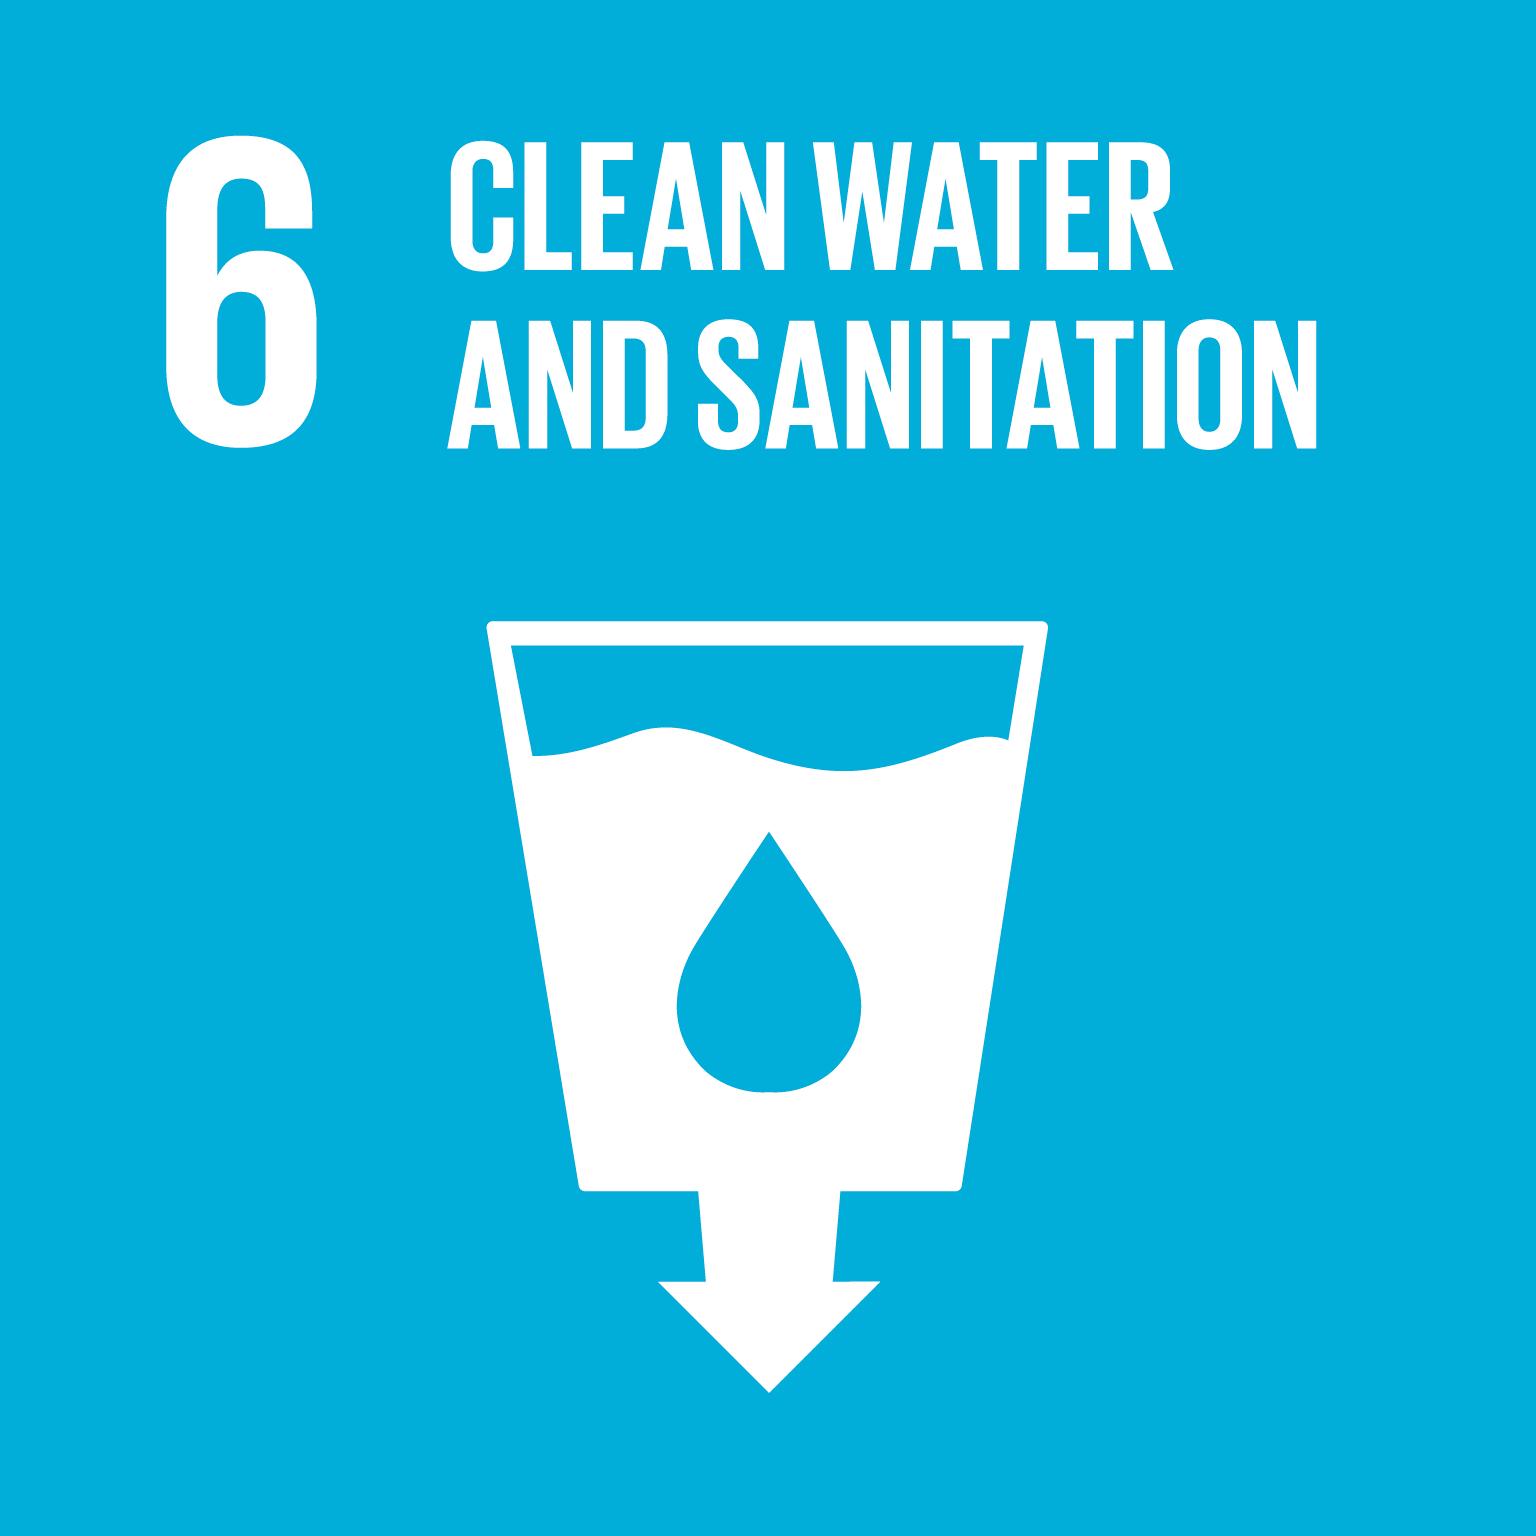 確保所有人都能享有水及衛生及其永續管理